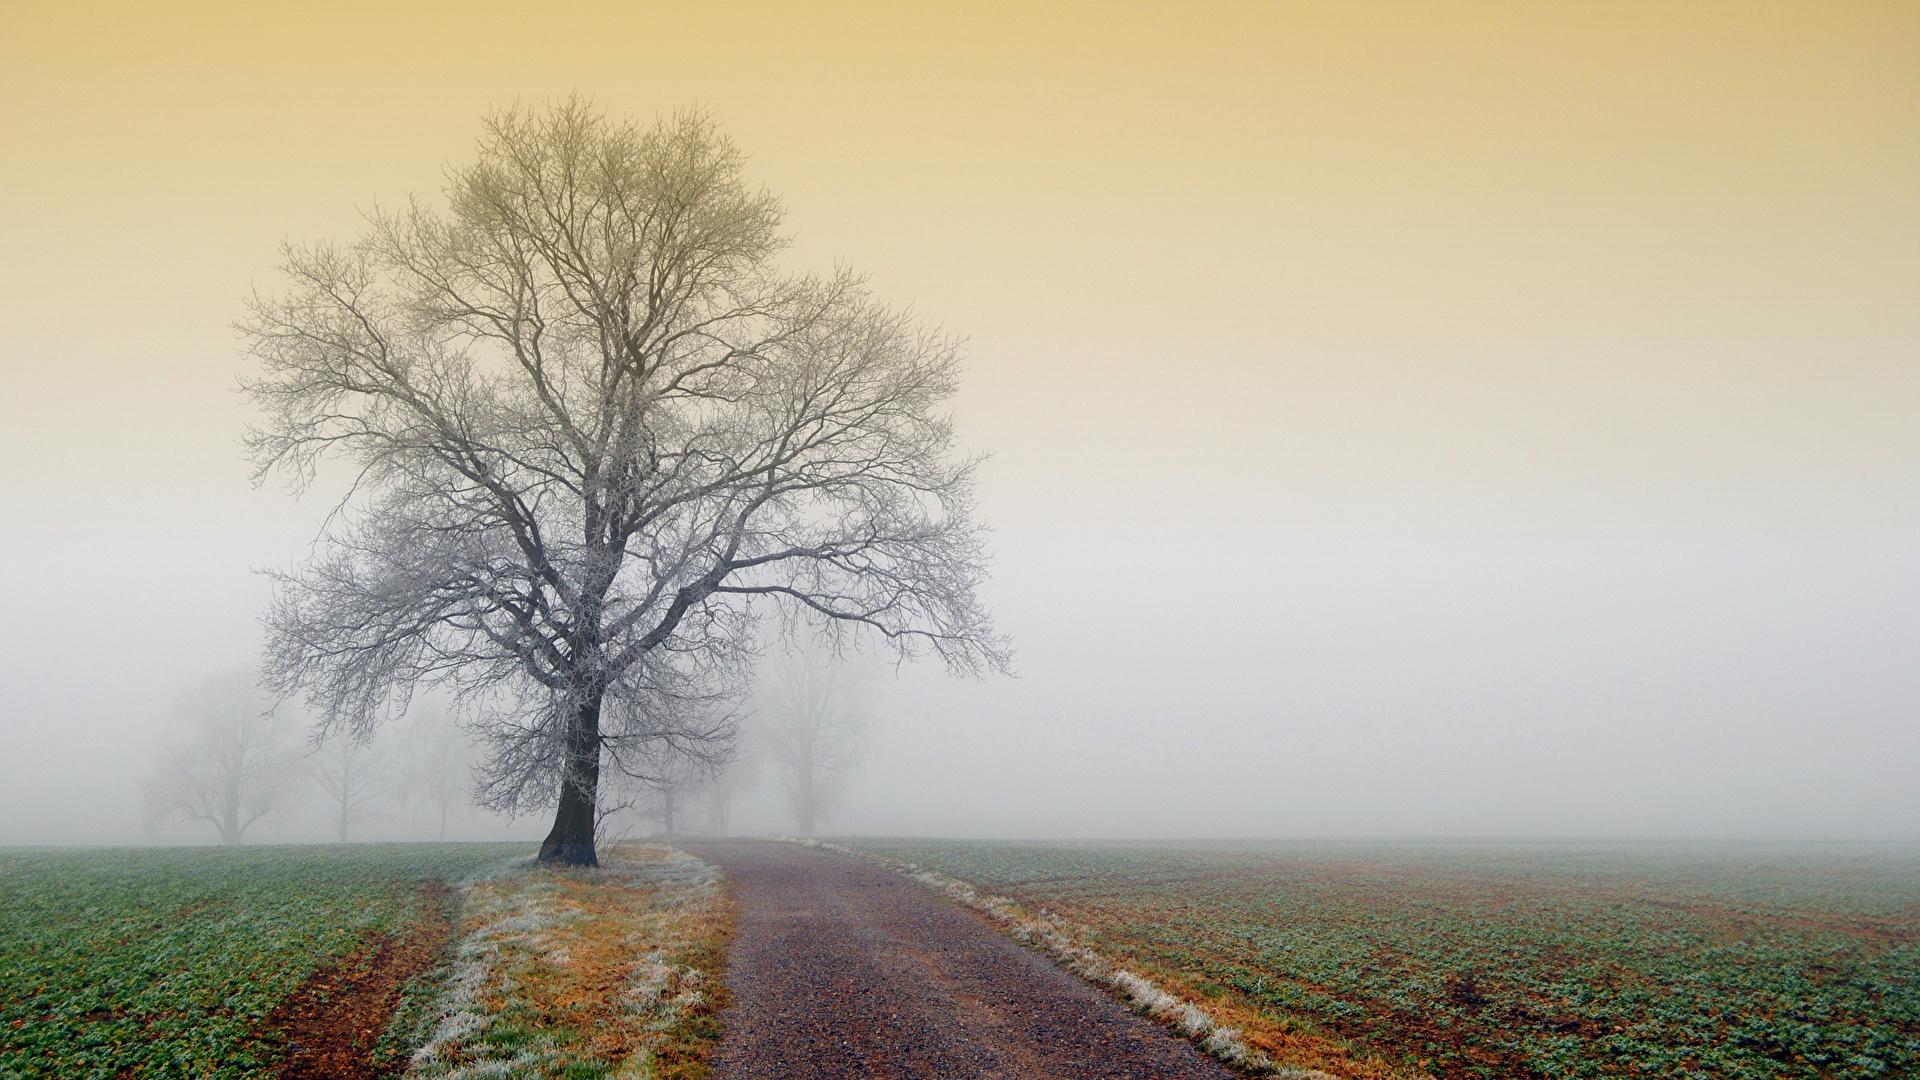 Фотографии тумана Природа Поля Дороги Деревья 1920x1080 Туман тумане дерево дерева деревьев